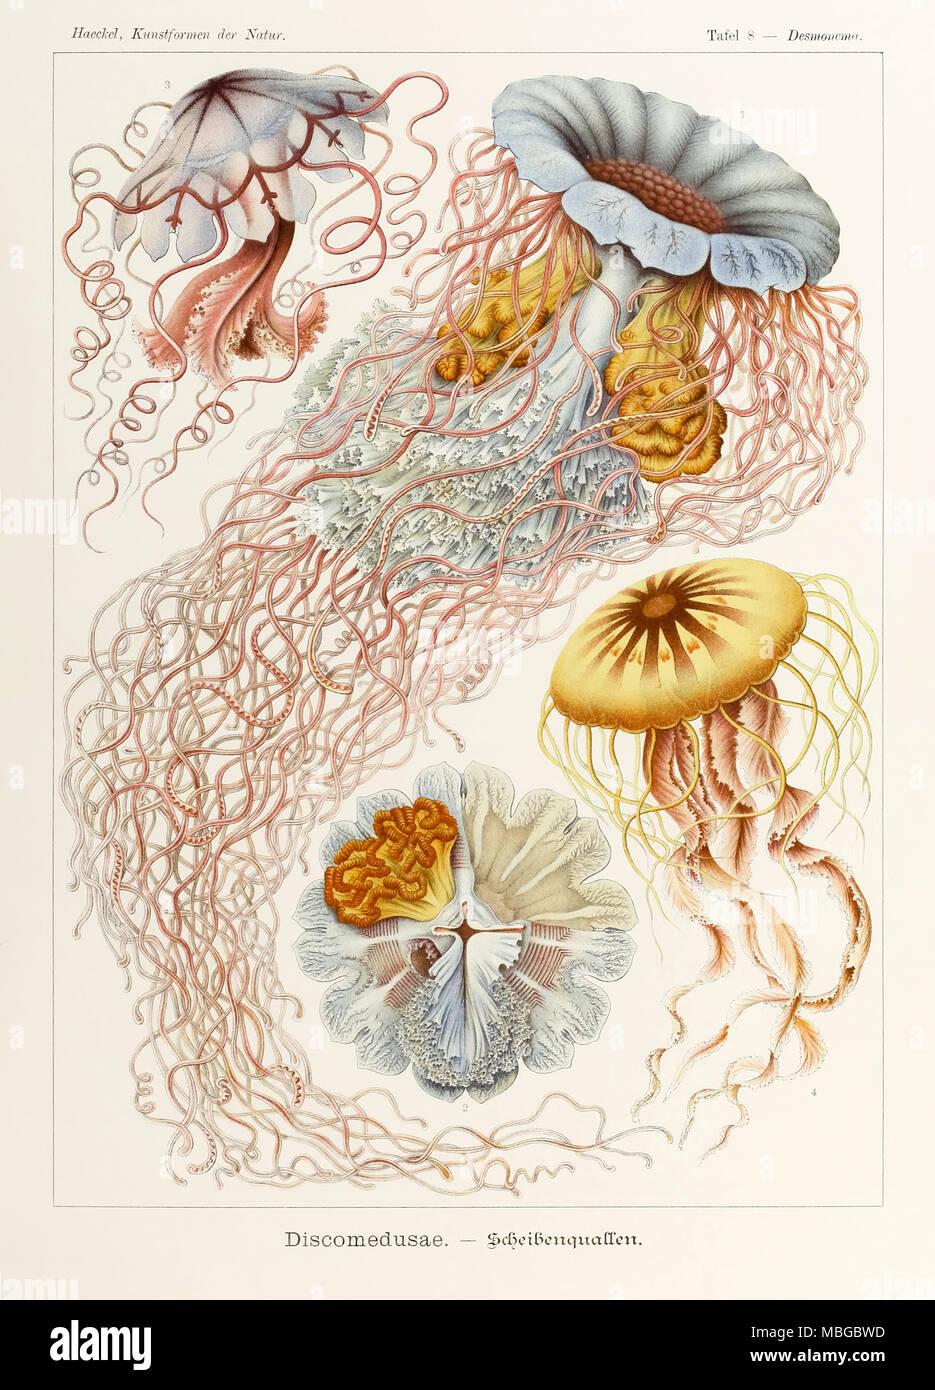 """La piastra 8 Desmonema Discomedusae da 'Kunstformen der Natur"""" (forme d'Arte nella Natura) illustrato da Ernst Haeckel (1834-1919). Vedere ulteriori informazioni qui di seguito. Immagini Stock"""